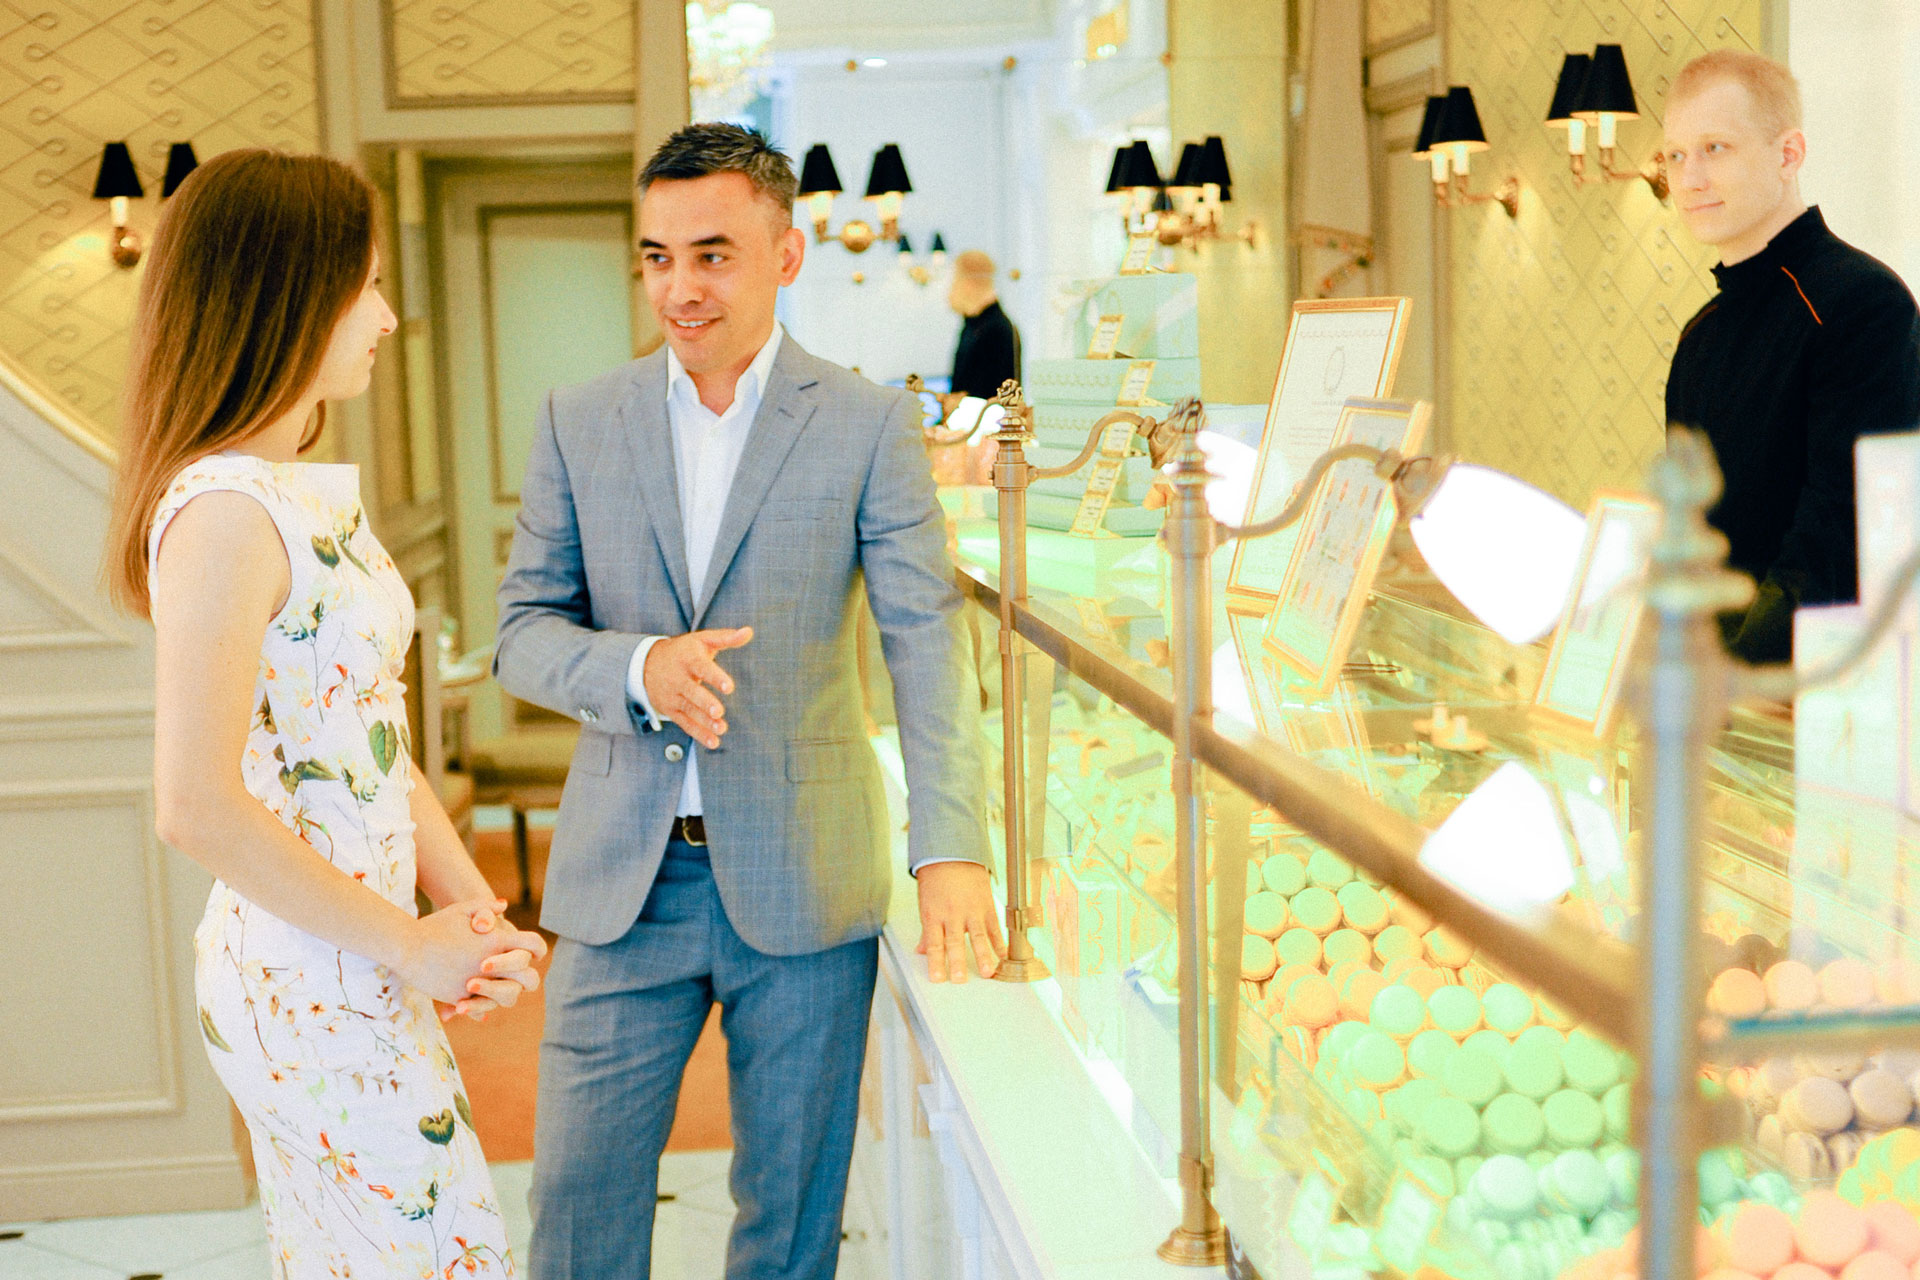 Ladurée французский макарон интервью торт свадебный фото 18